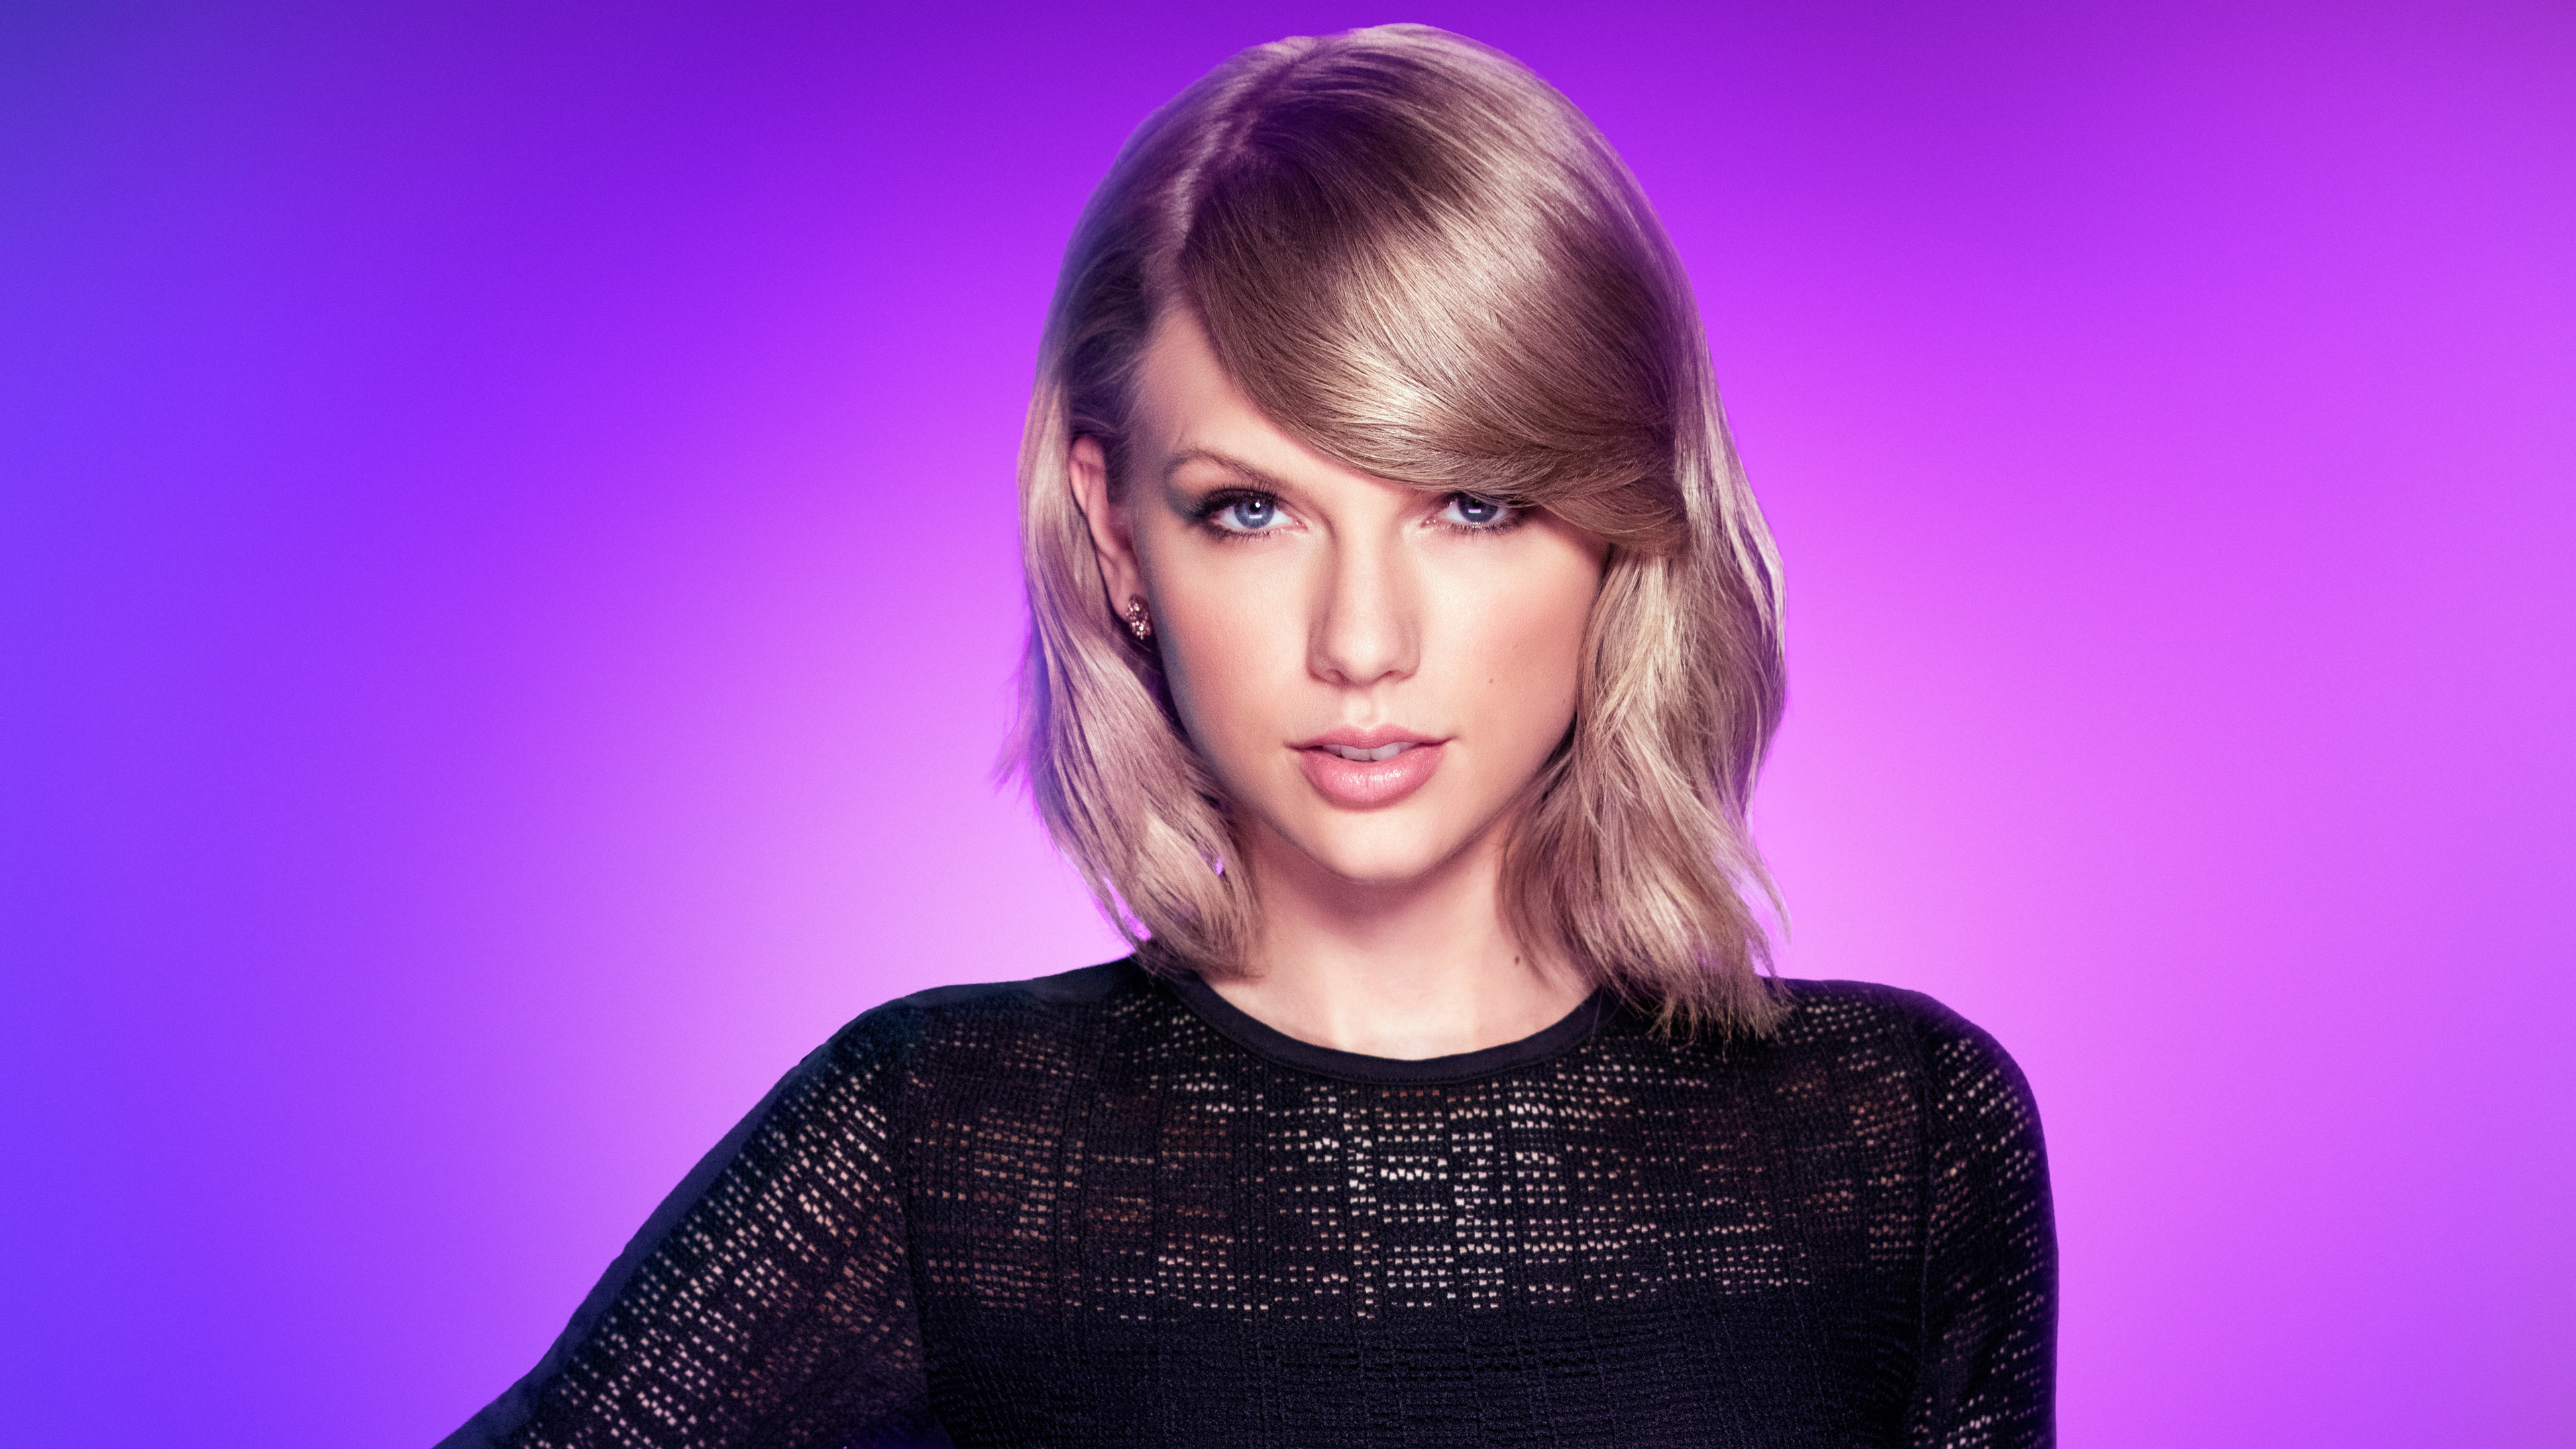 Taylor Swift 4k